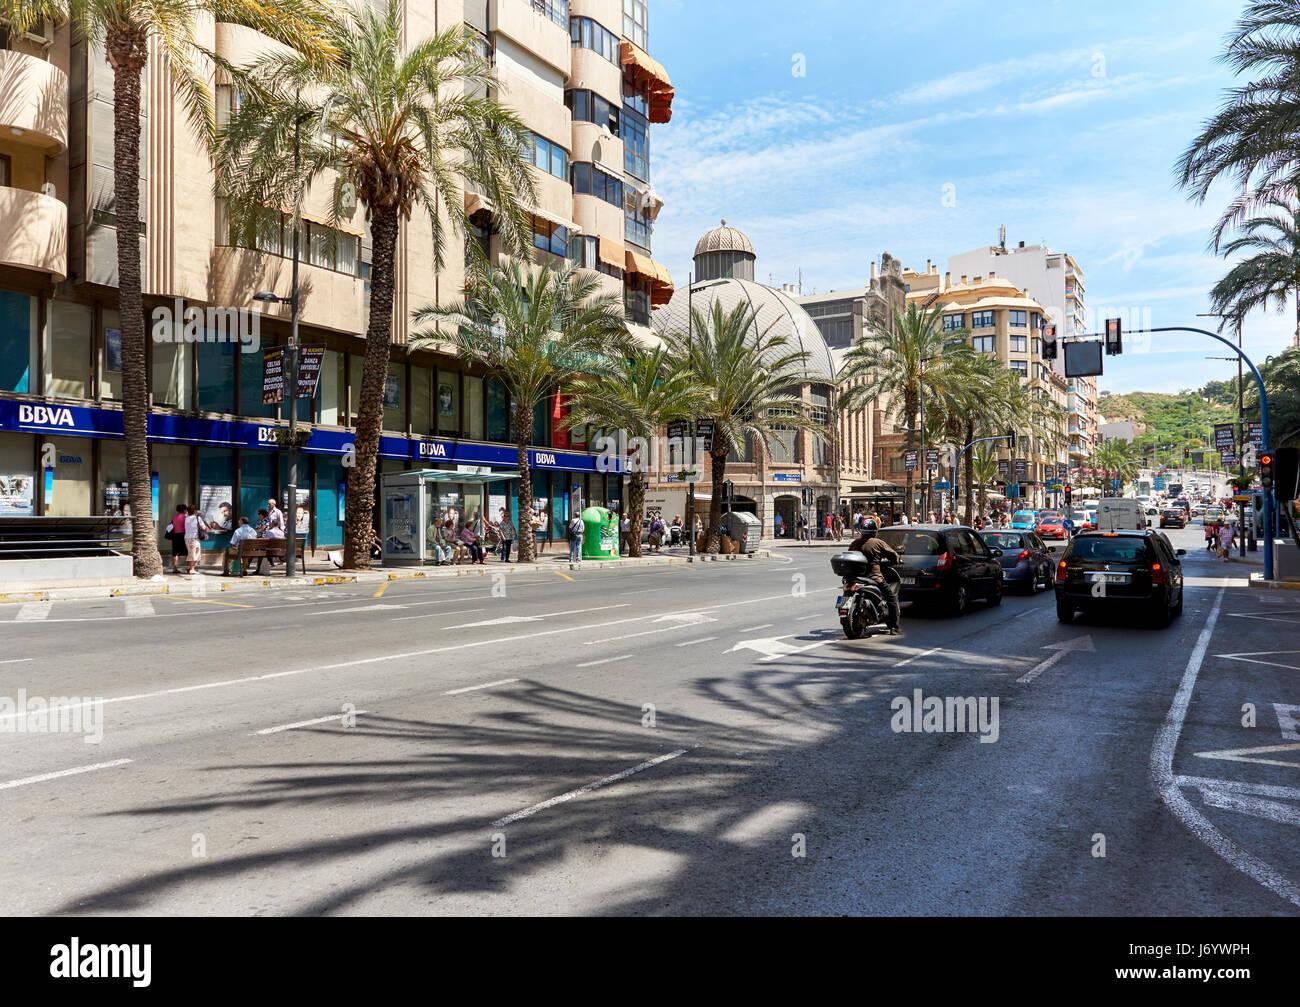 Alicante city centre stock photos alicante city centre stock images alamy - Stock uno alicante ...